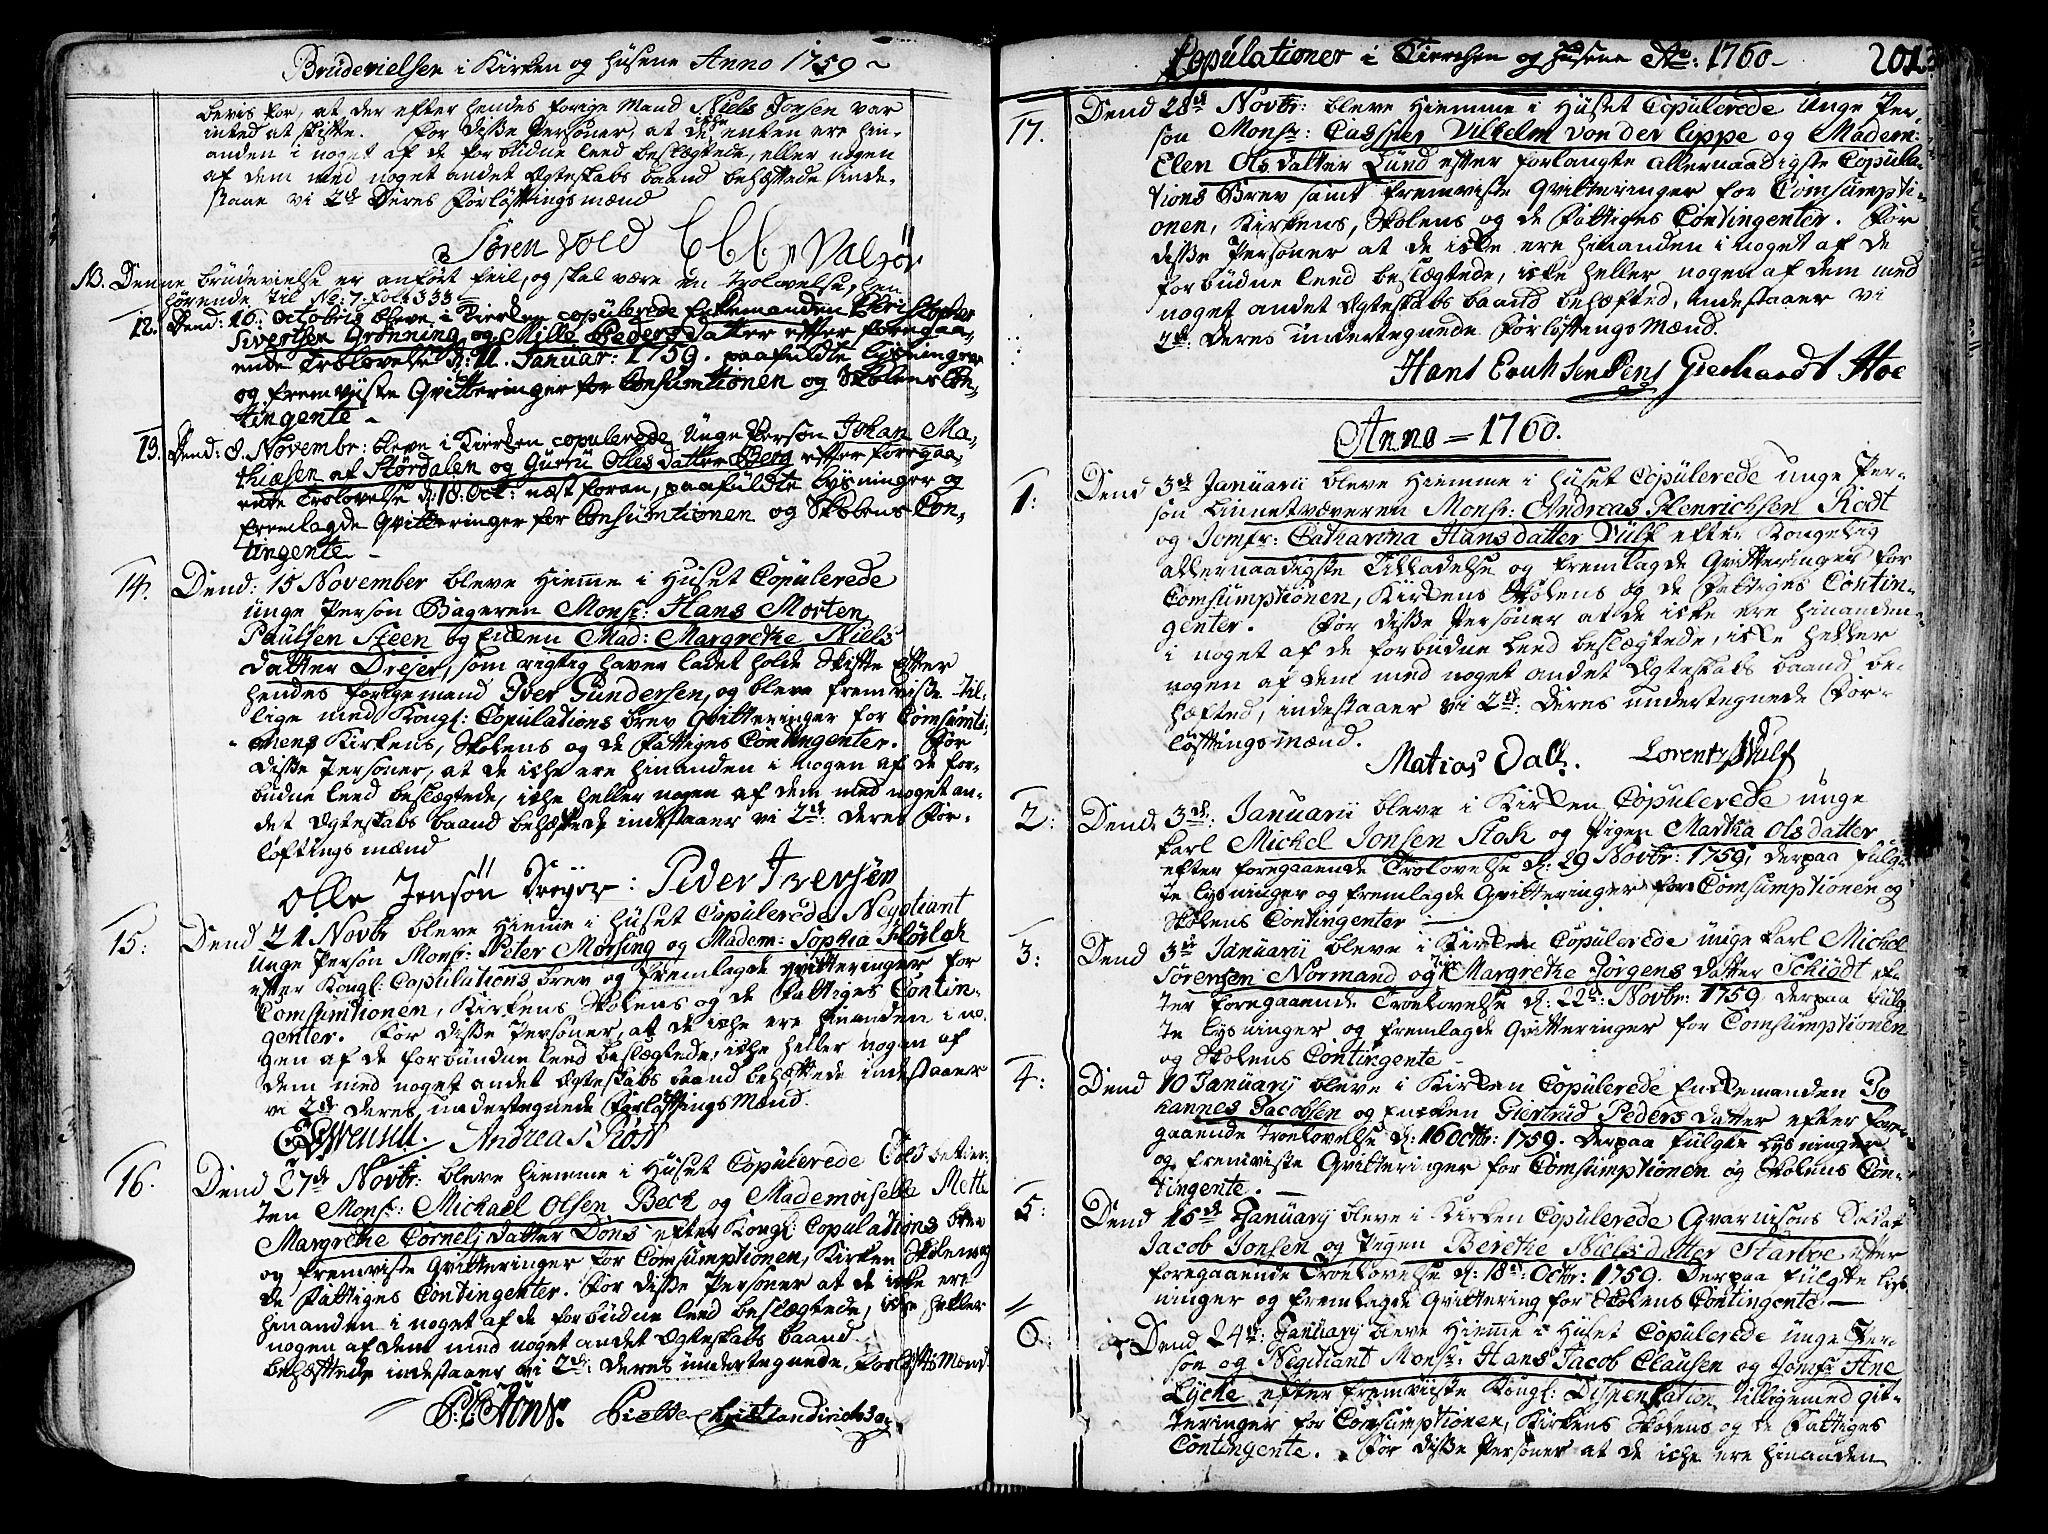 SAT, Ministerialprotokoller, klokkerbøker og fødselsregistre - Sør-Trøndelag, 602/L0103: Ministerialbok nr. 602A01, 1732-1774, s. 201